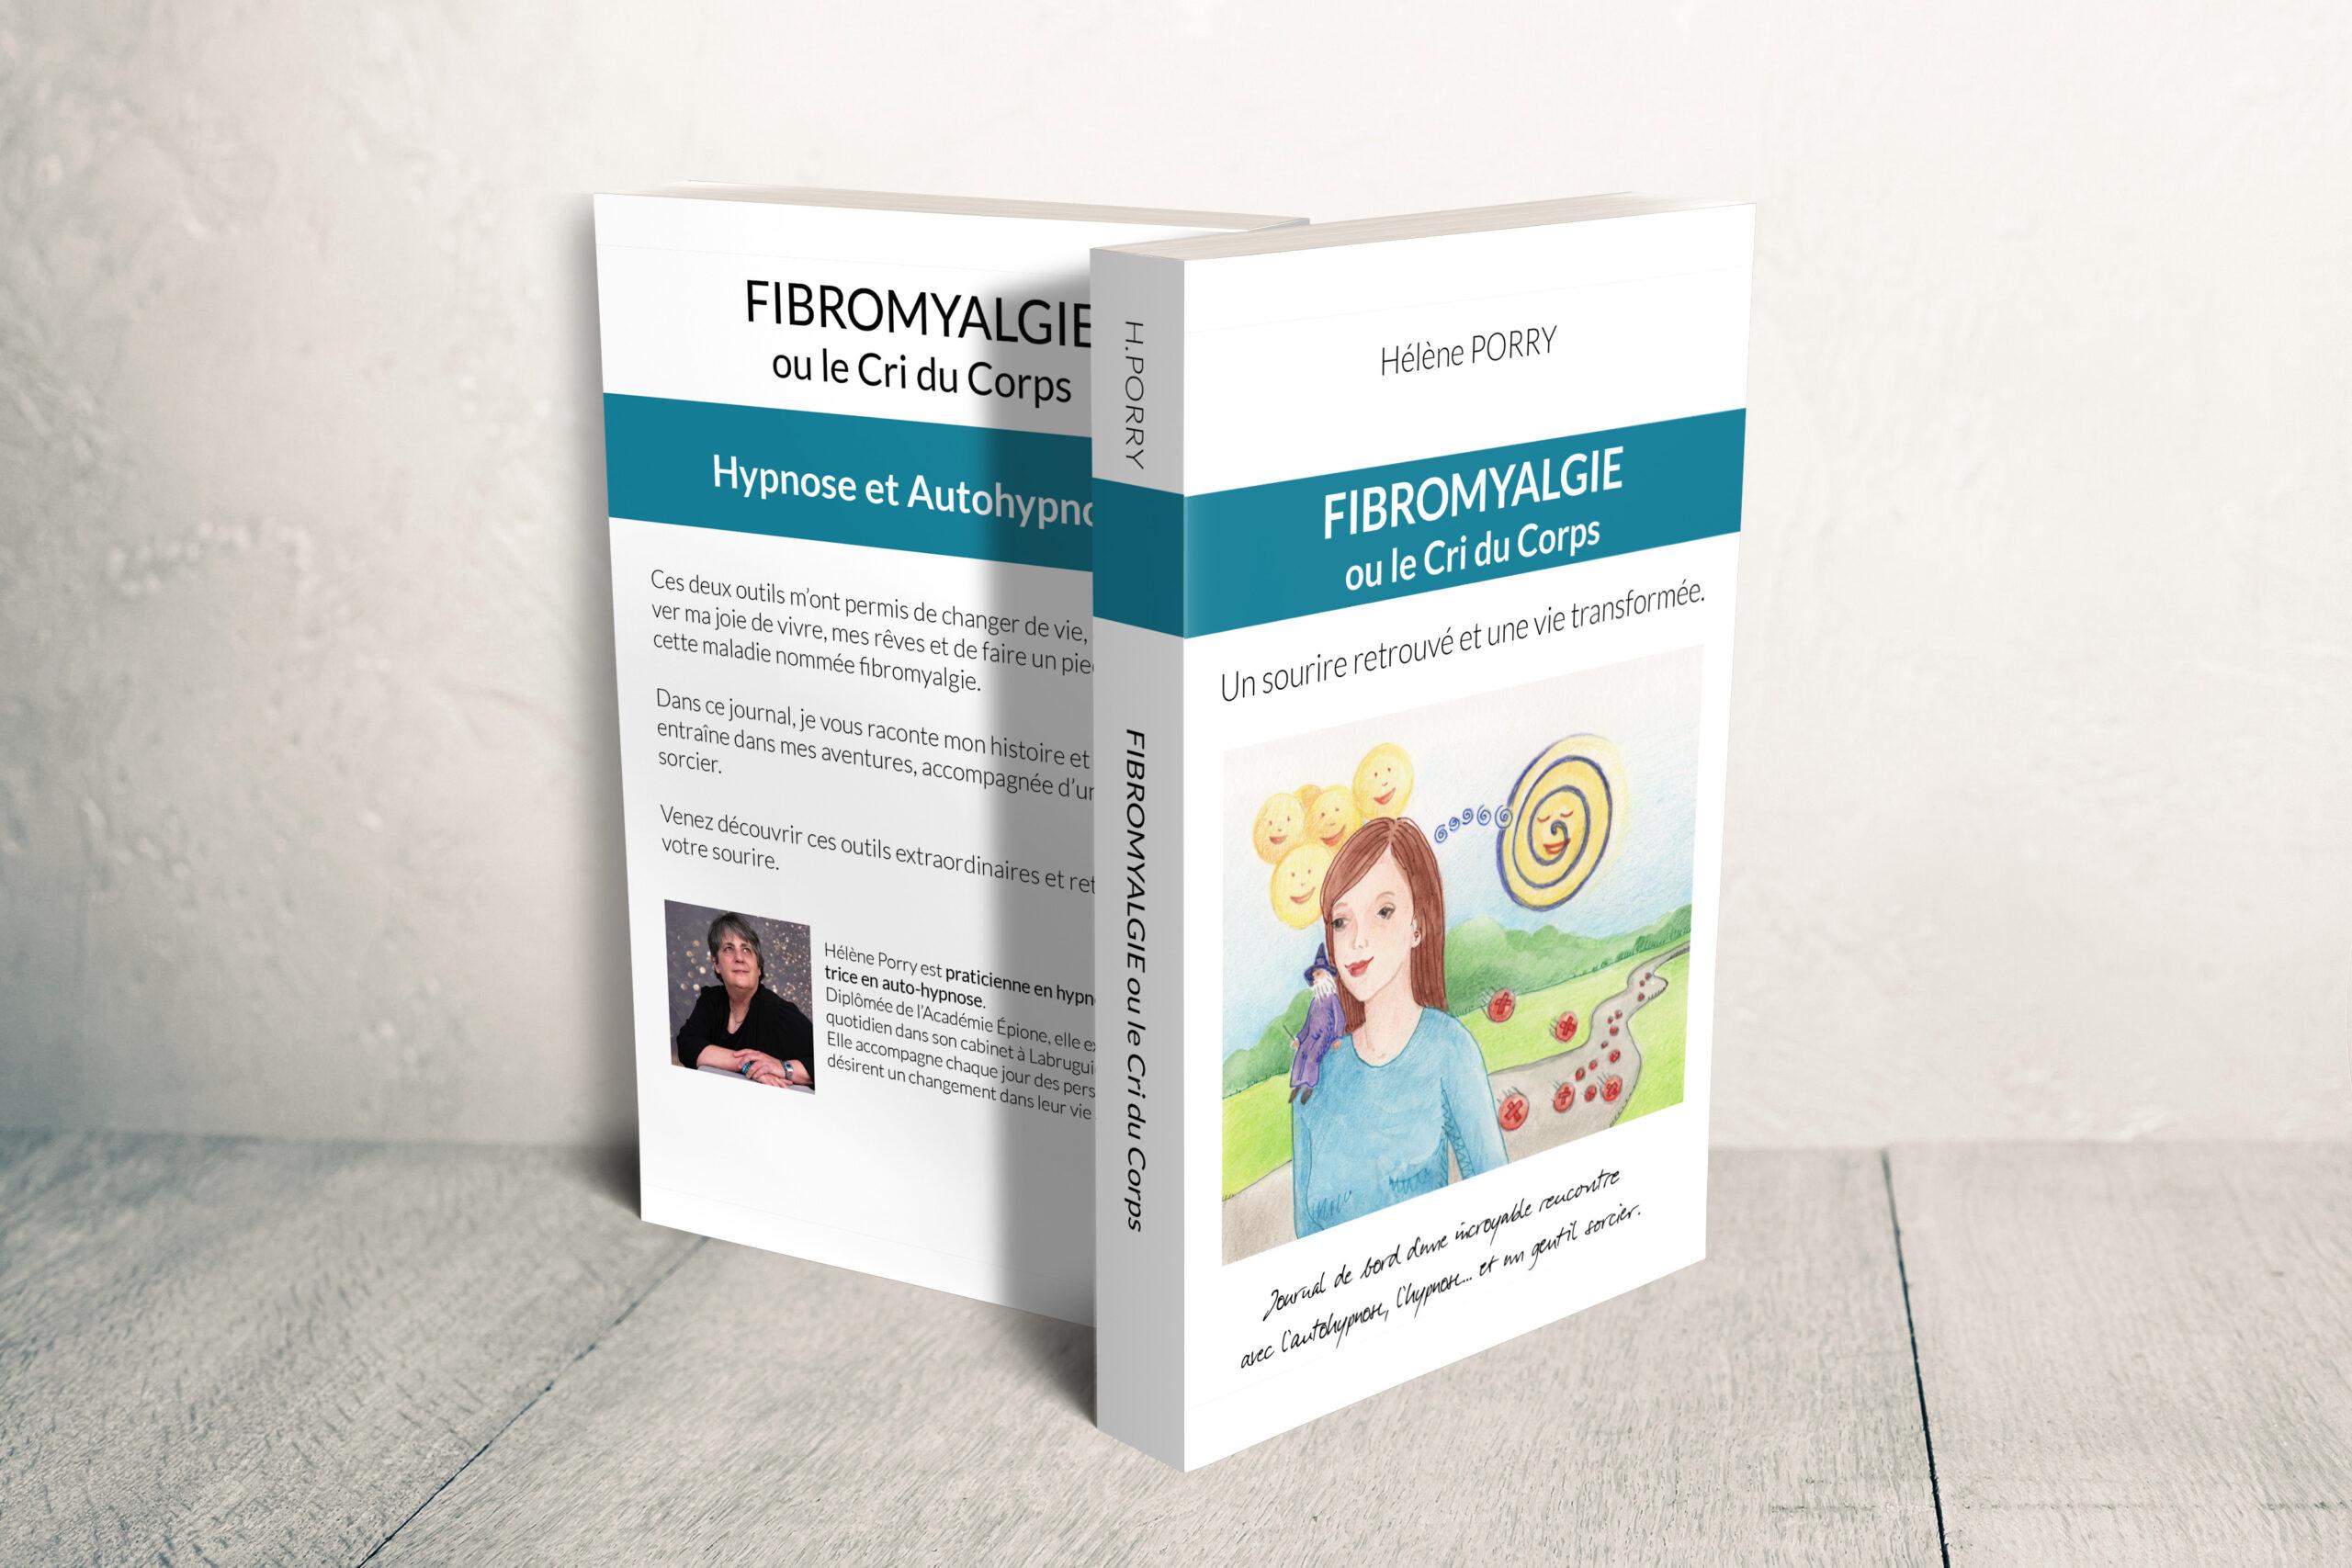 livre Fibromyalgie ou le cri du corps